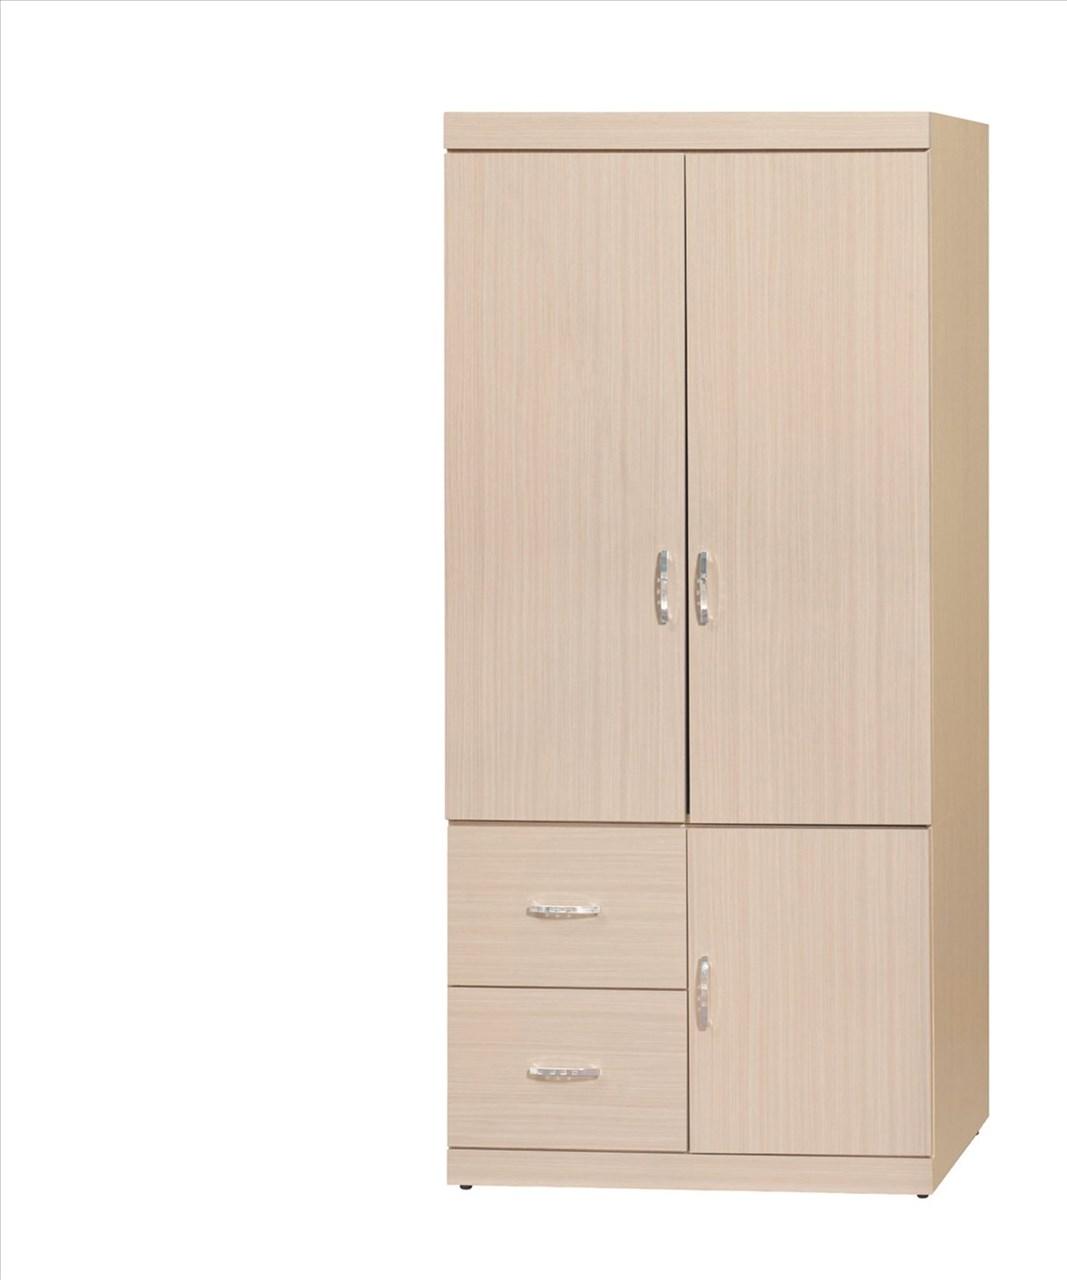 【石川家居】EF-138-1 立德白橡3*6尺衣櫥 (不含其他商品) 需搭配車趟